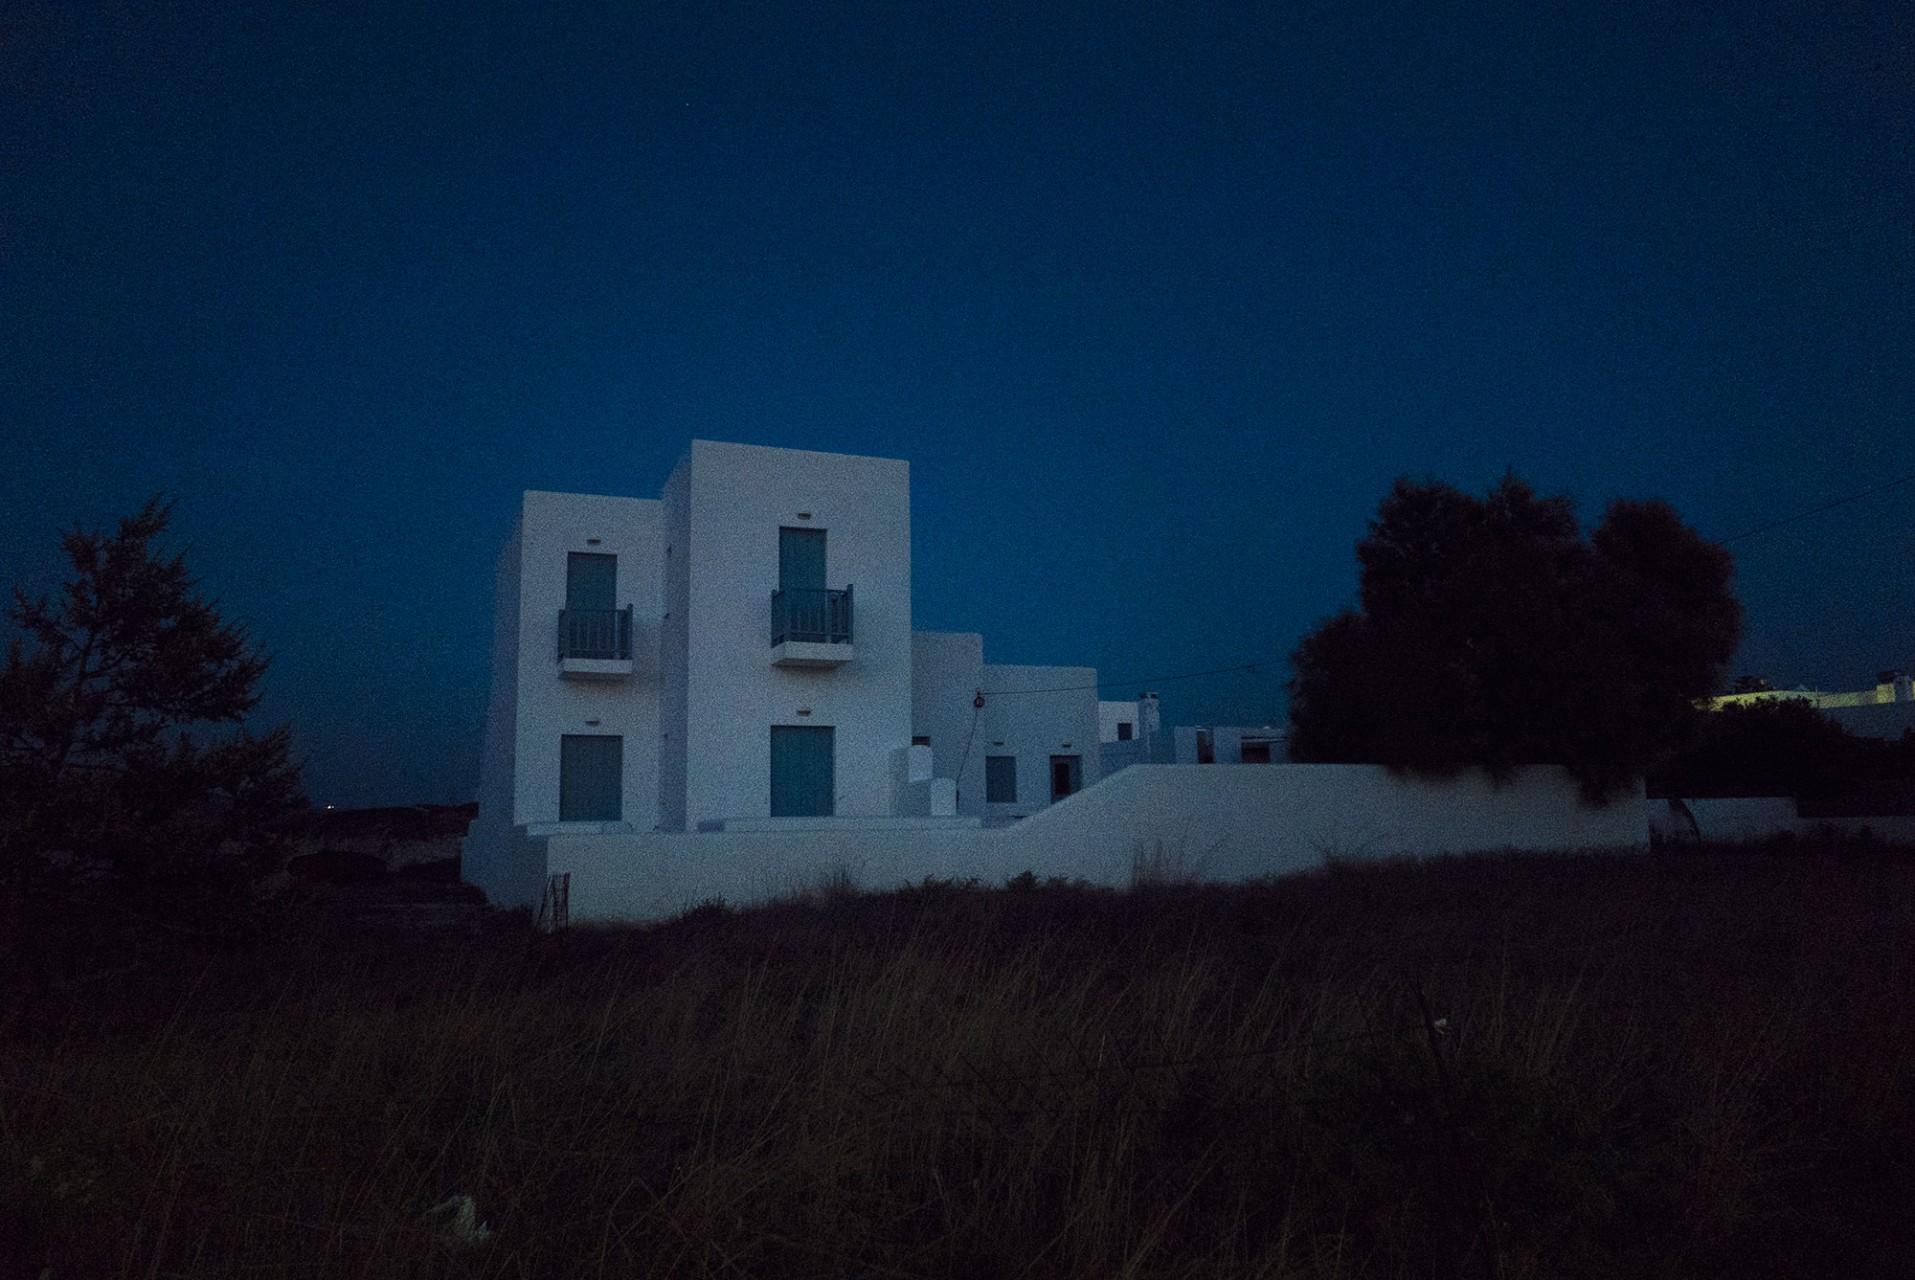 Milos / Sarah Aubel